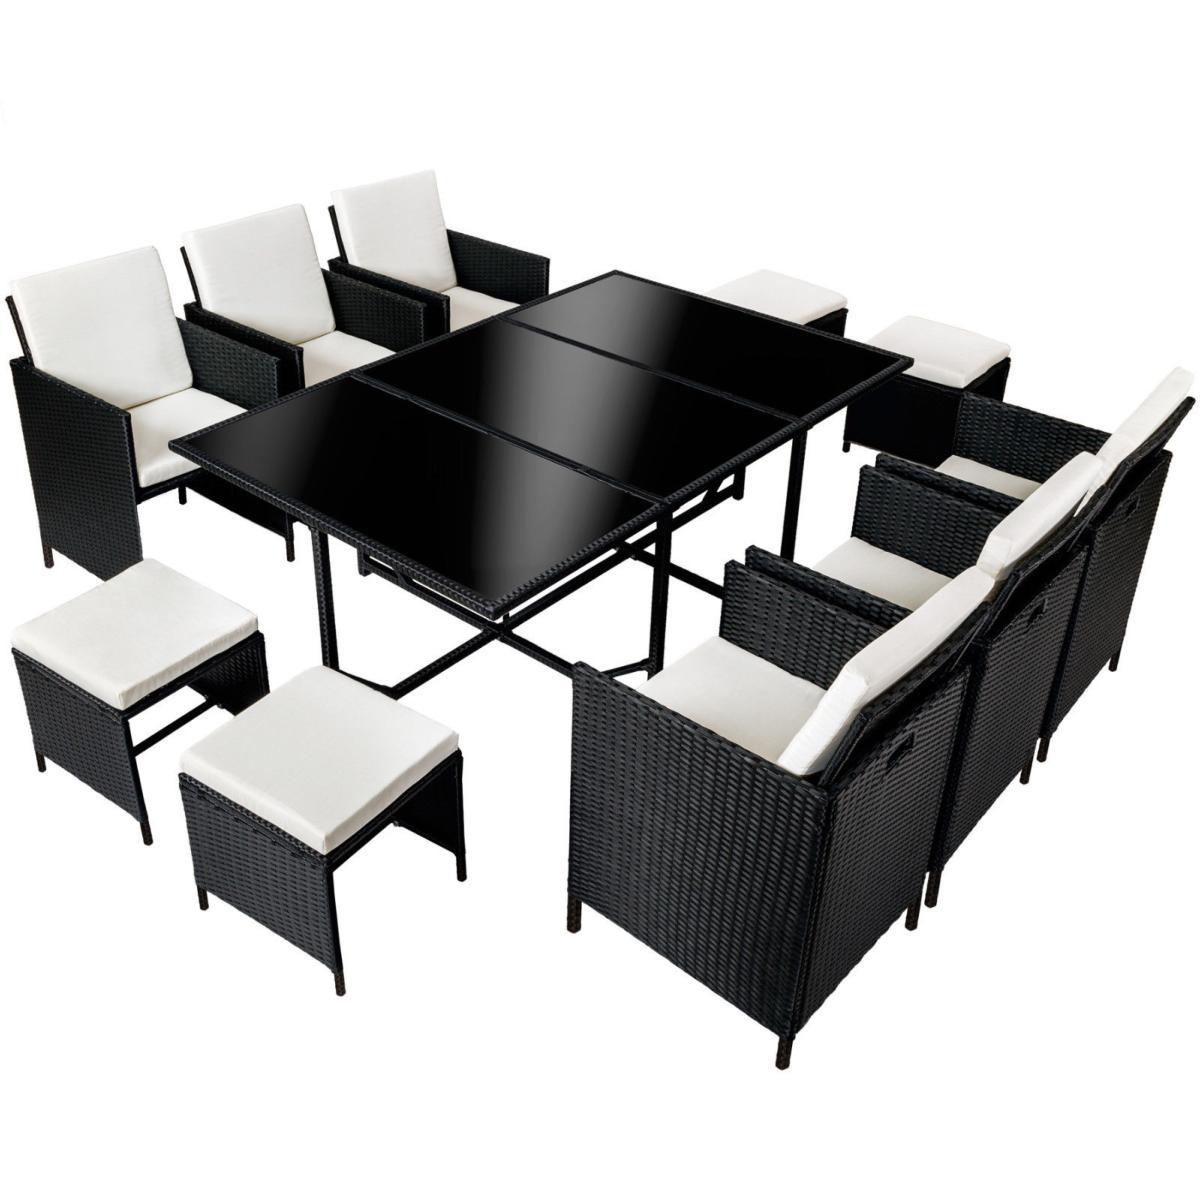 salon de jardin en r sine tress e noir 10 places. Black Bedroom Furniture Sets. Home Design Ideas